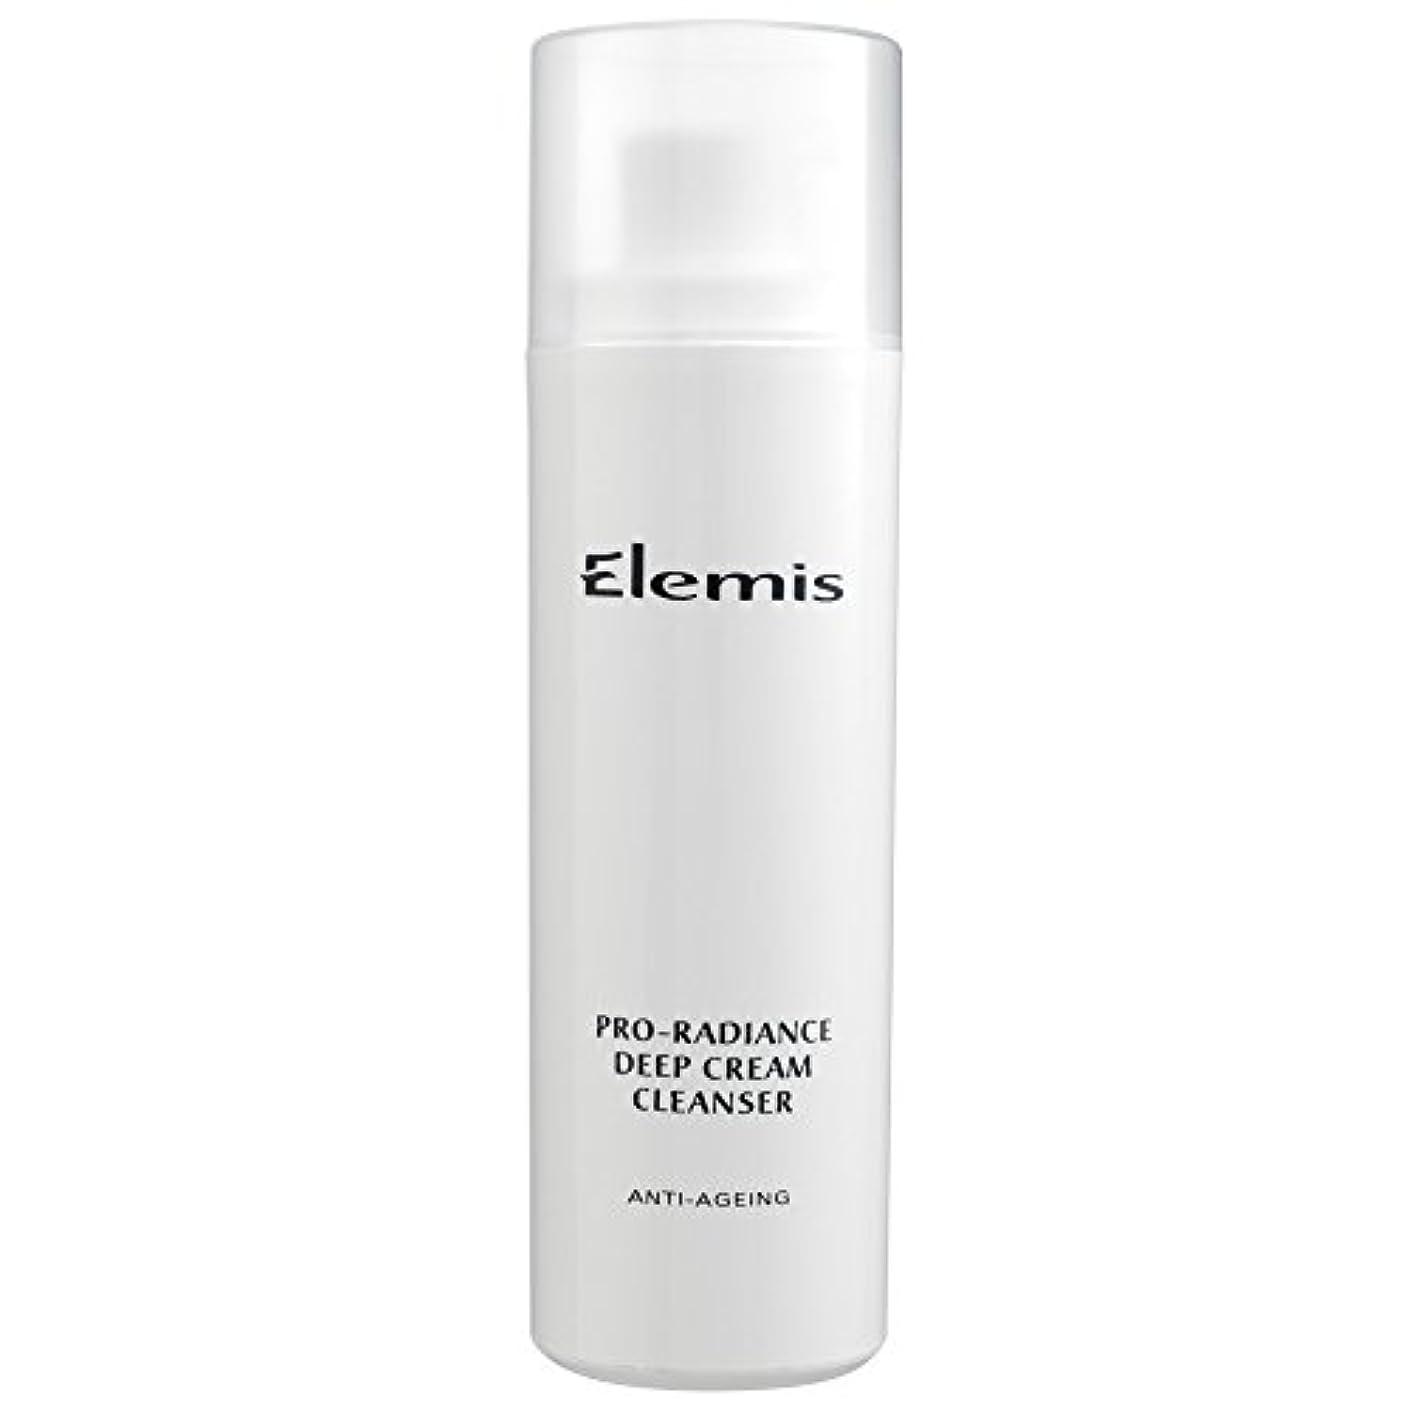 バイパス期待してものエレミスプロ輝きクリームクレンザー、150ミリリットル (Elemis) (x6) - Elemis Pro-Radiance Cream Cleanser, 150ml (Pack of 6) [並行輸入品]